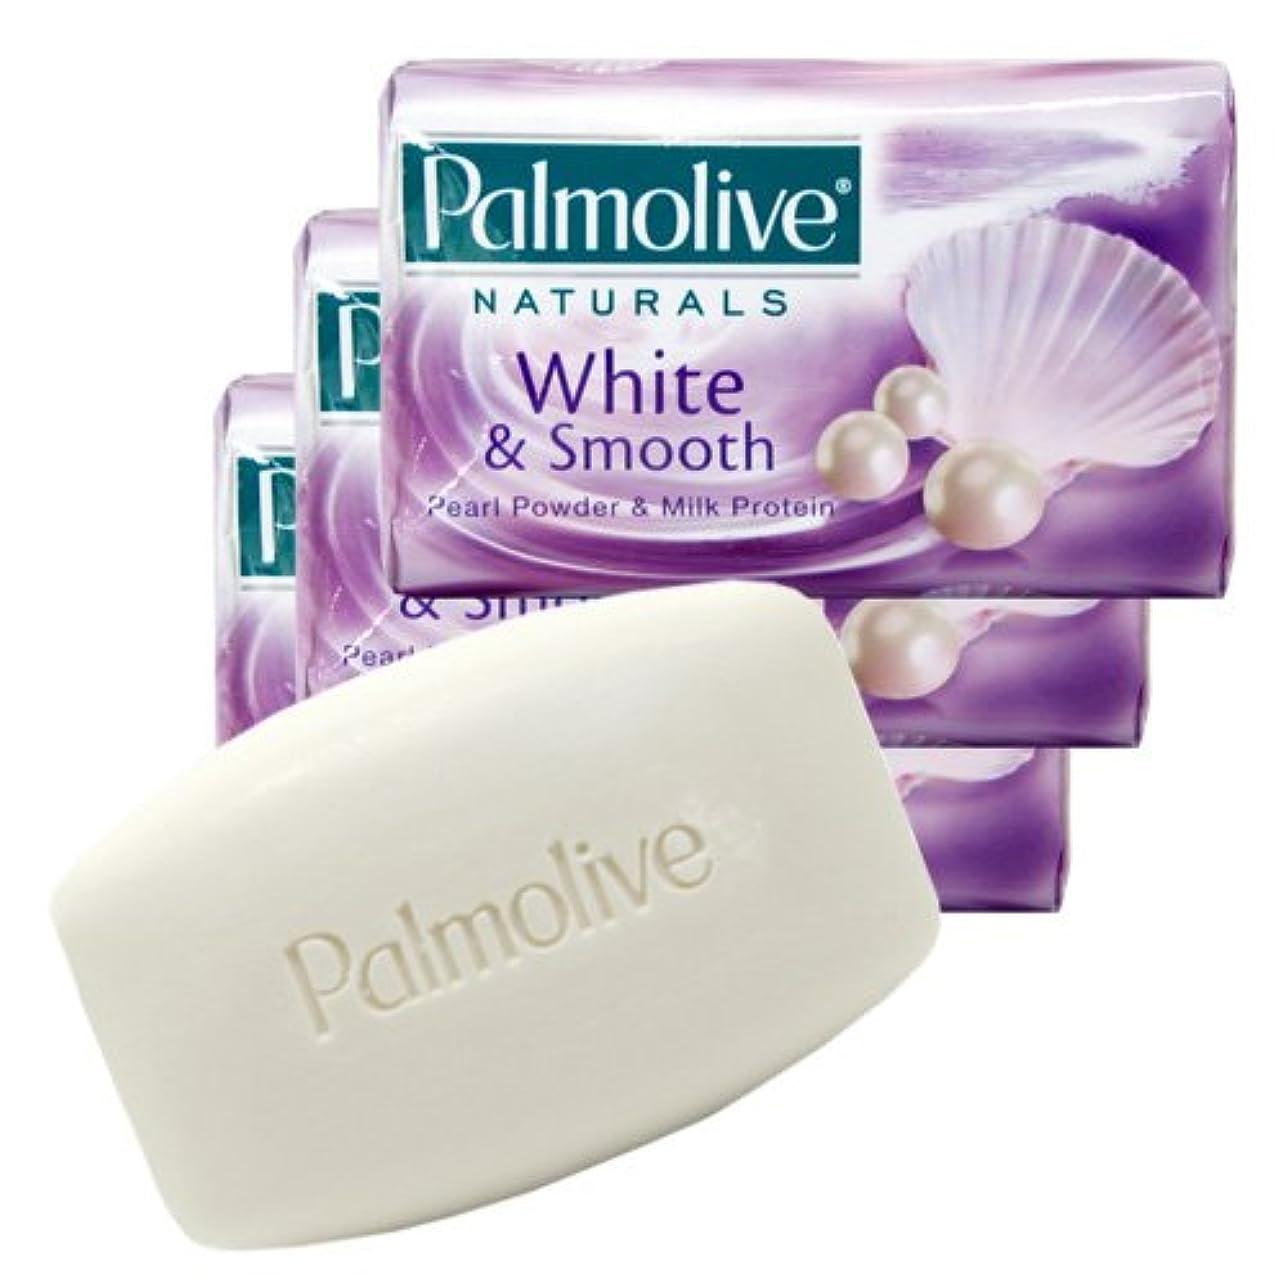 年齢意義若さ【Palmolive】パルモリーブ ナチュラルズ石鹸3個パック ホワイト&スムース(パールパウダー&ミルクプロテイン)80g×3